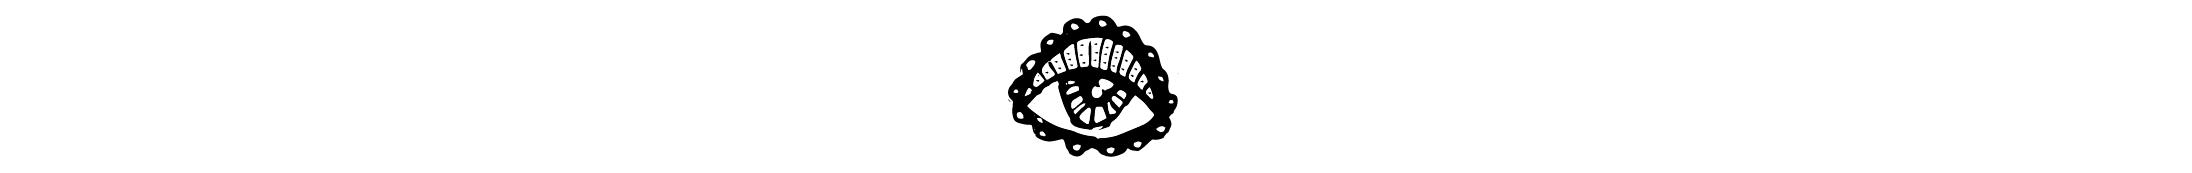 little-eye.png